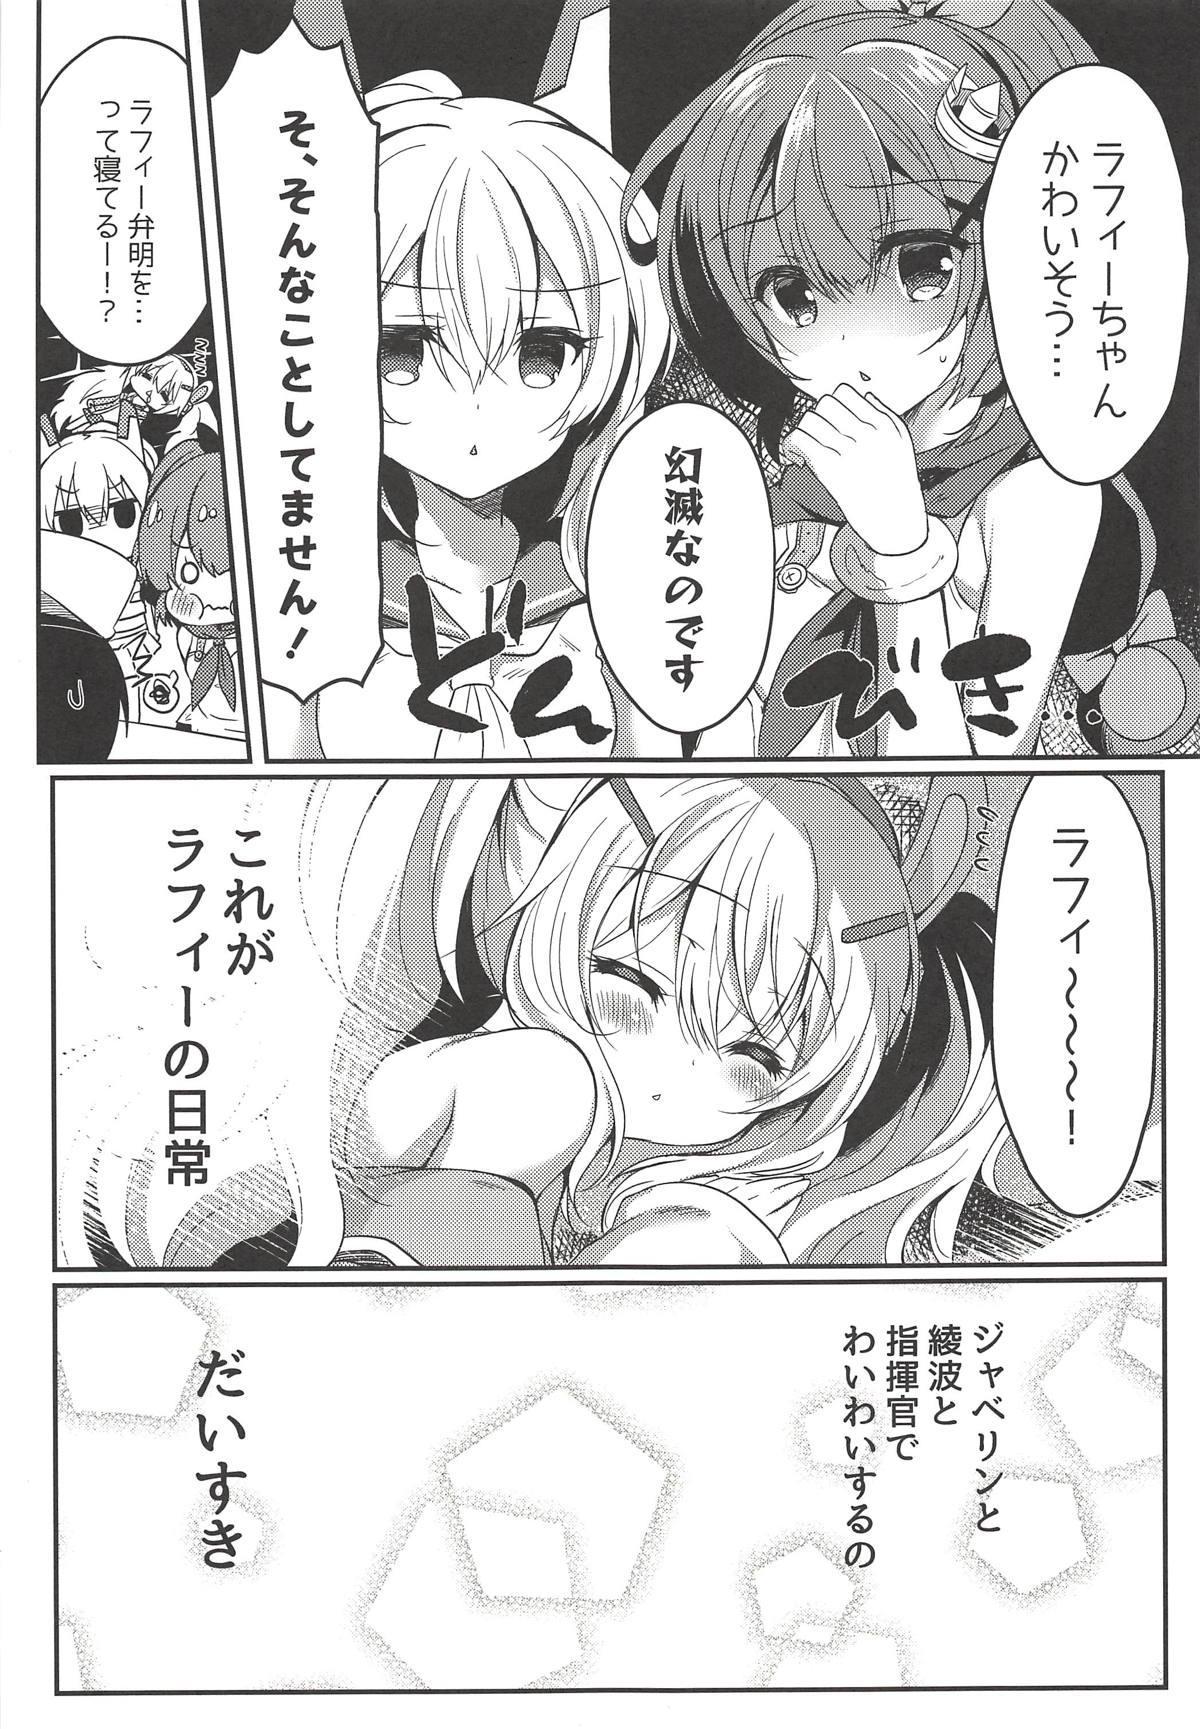 Yumemiru Usagi wa Nani o Miru? 7